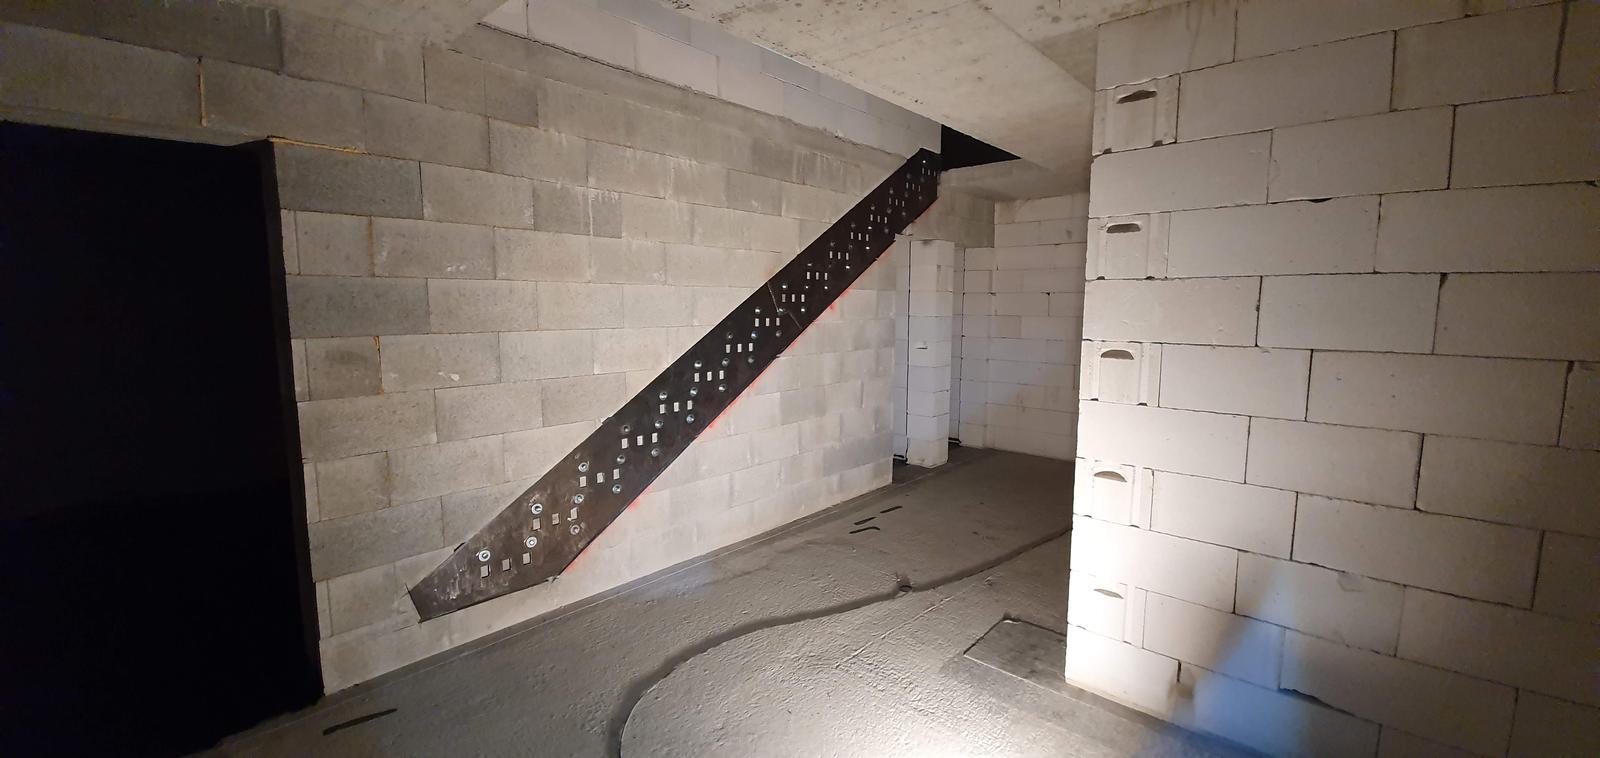 Konzolove schodisko (samonosne schody) - Obrázok č. 11